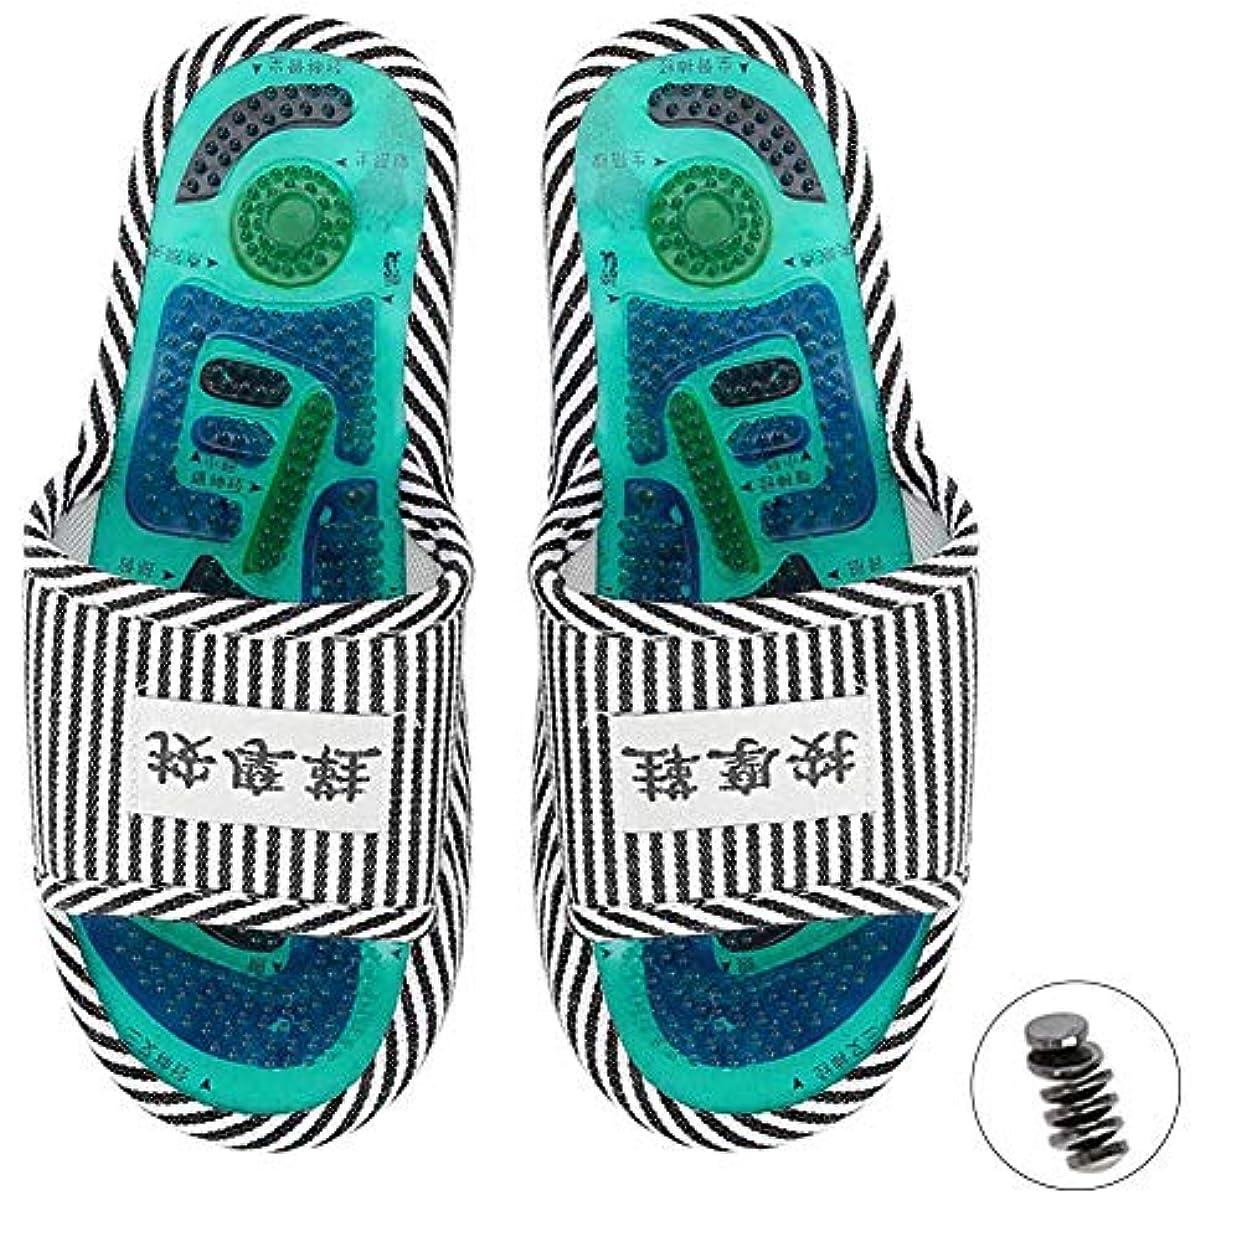 フォーラム完全に乾く誓うマッサージスリッパ、足指圧マッサージ 磁気ストーン 健康な足のケア マッサージボール 男性女性用(1)